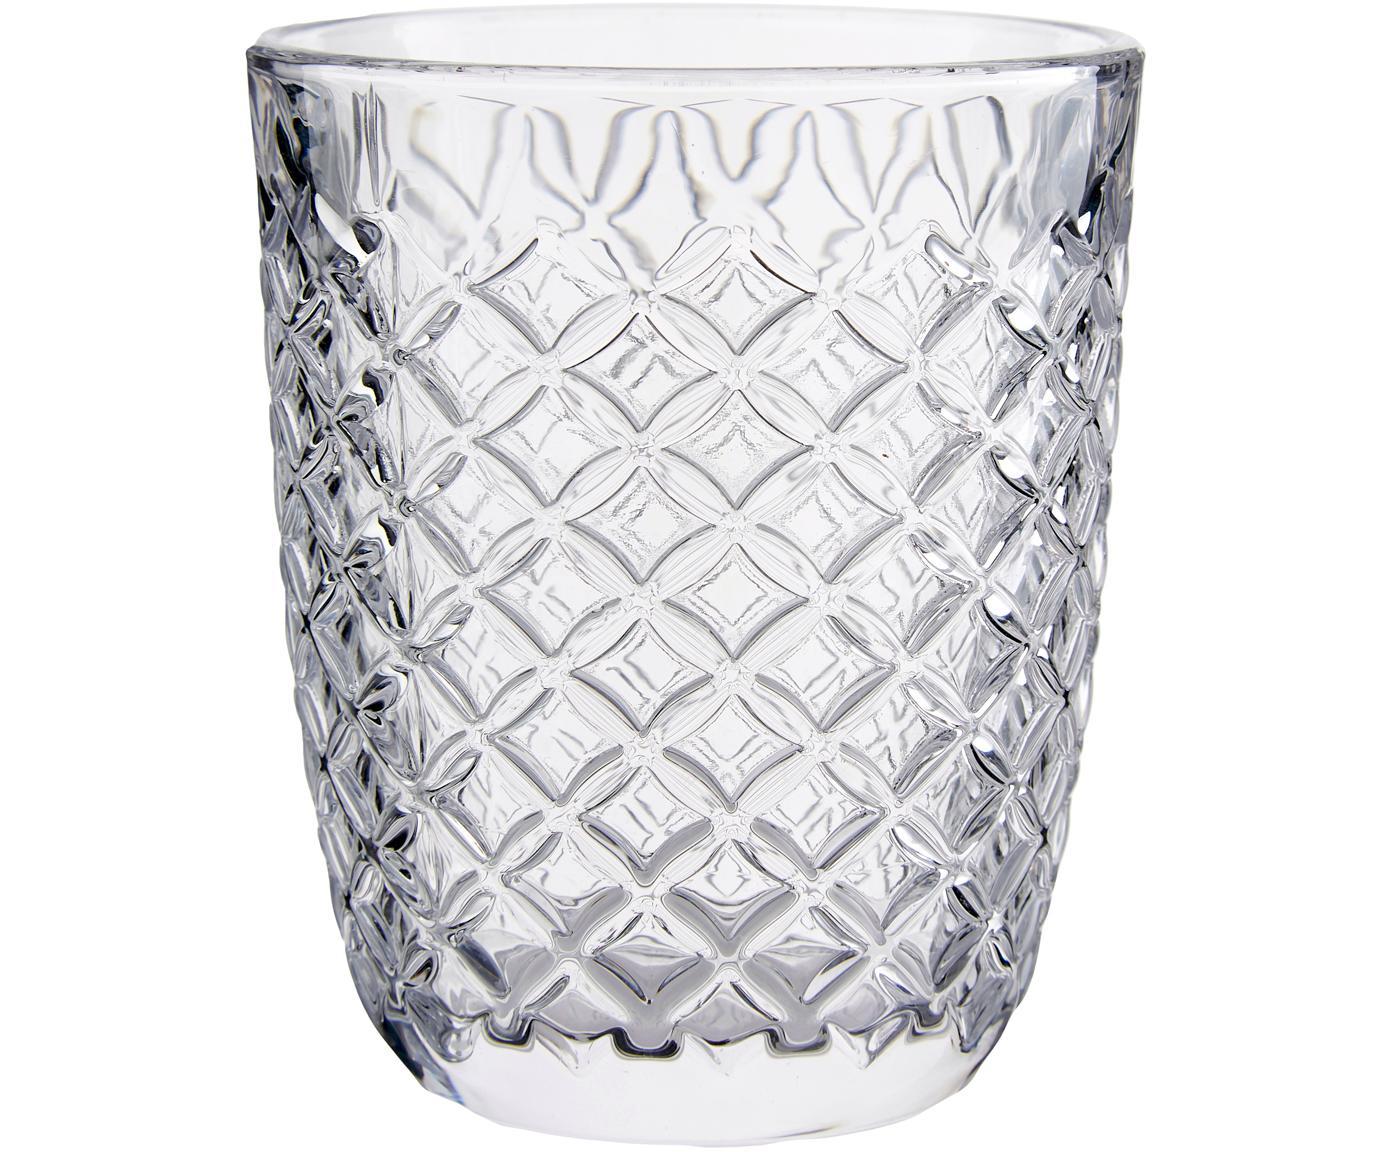 Szklanka Arlequin, 6 szt., Szkło, Transparentny, 250 ml